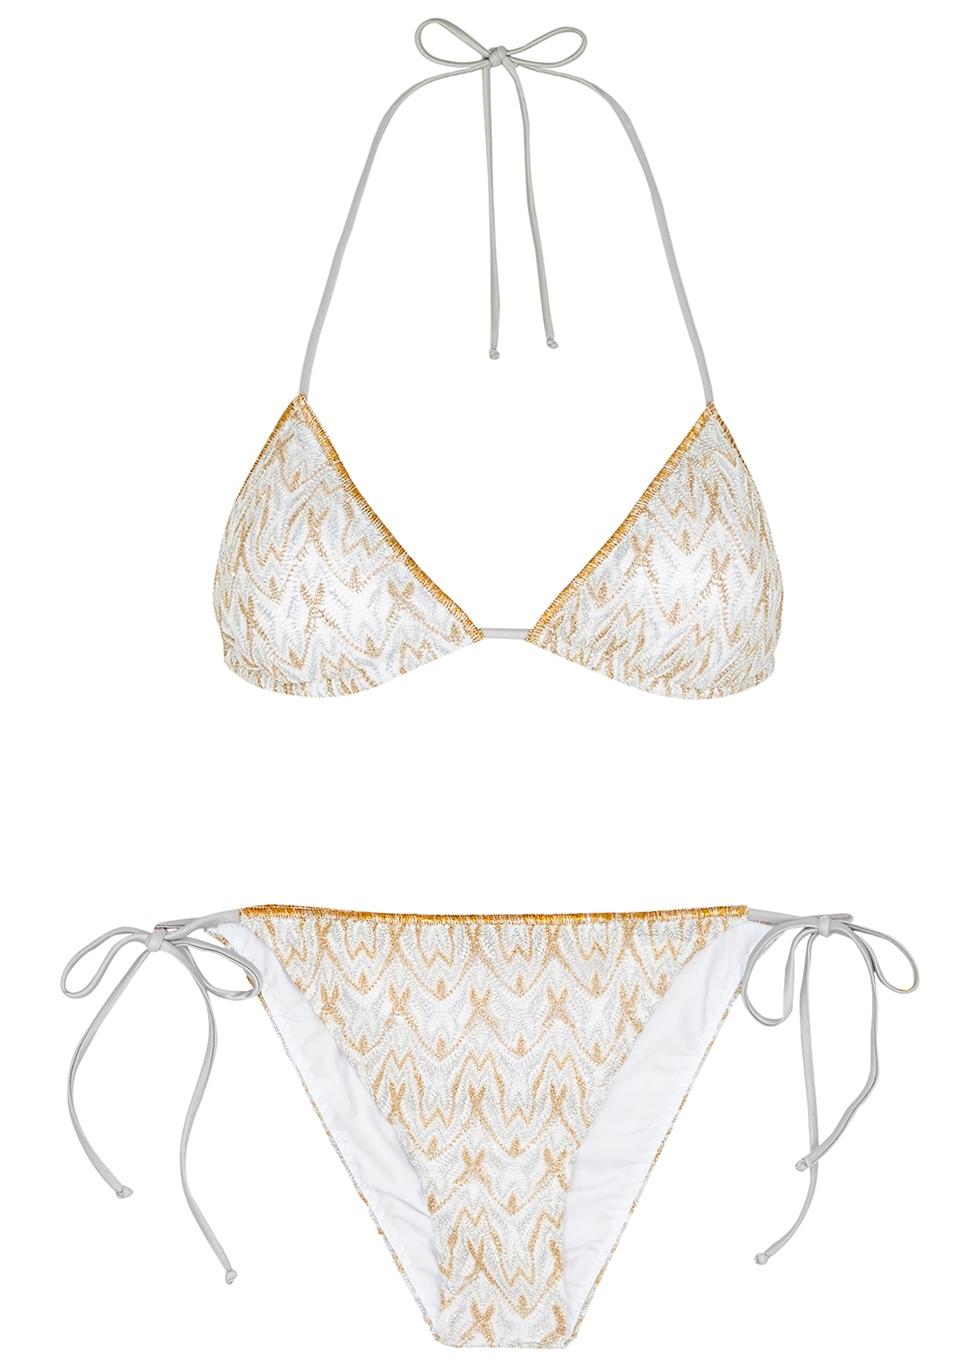 Zigzag metallic-knit bikini